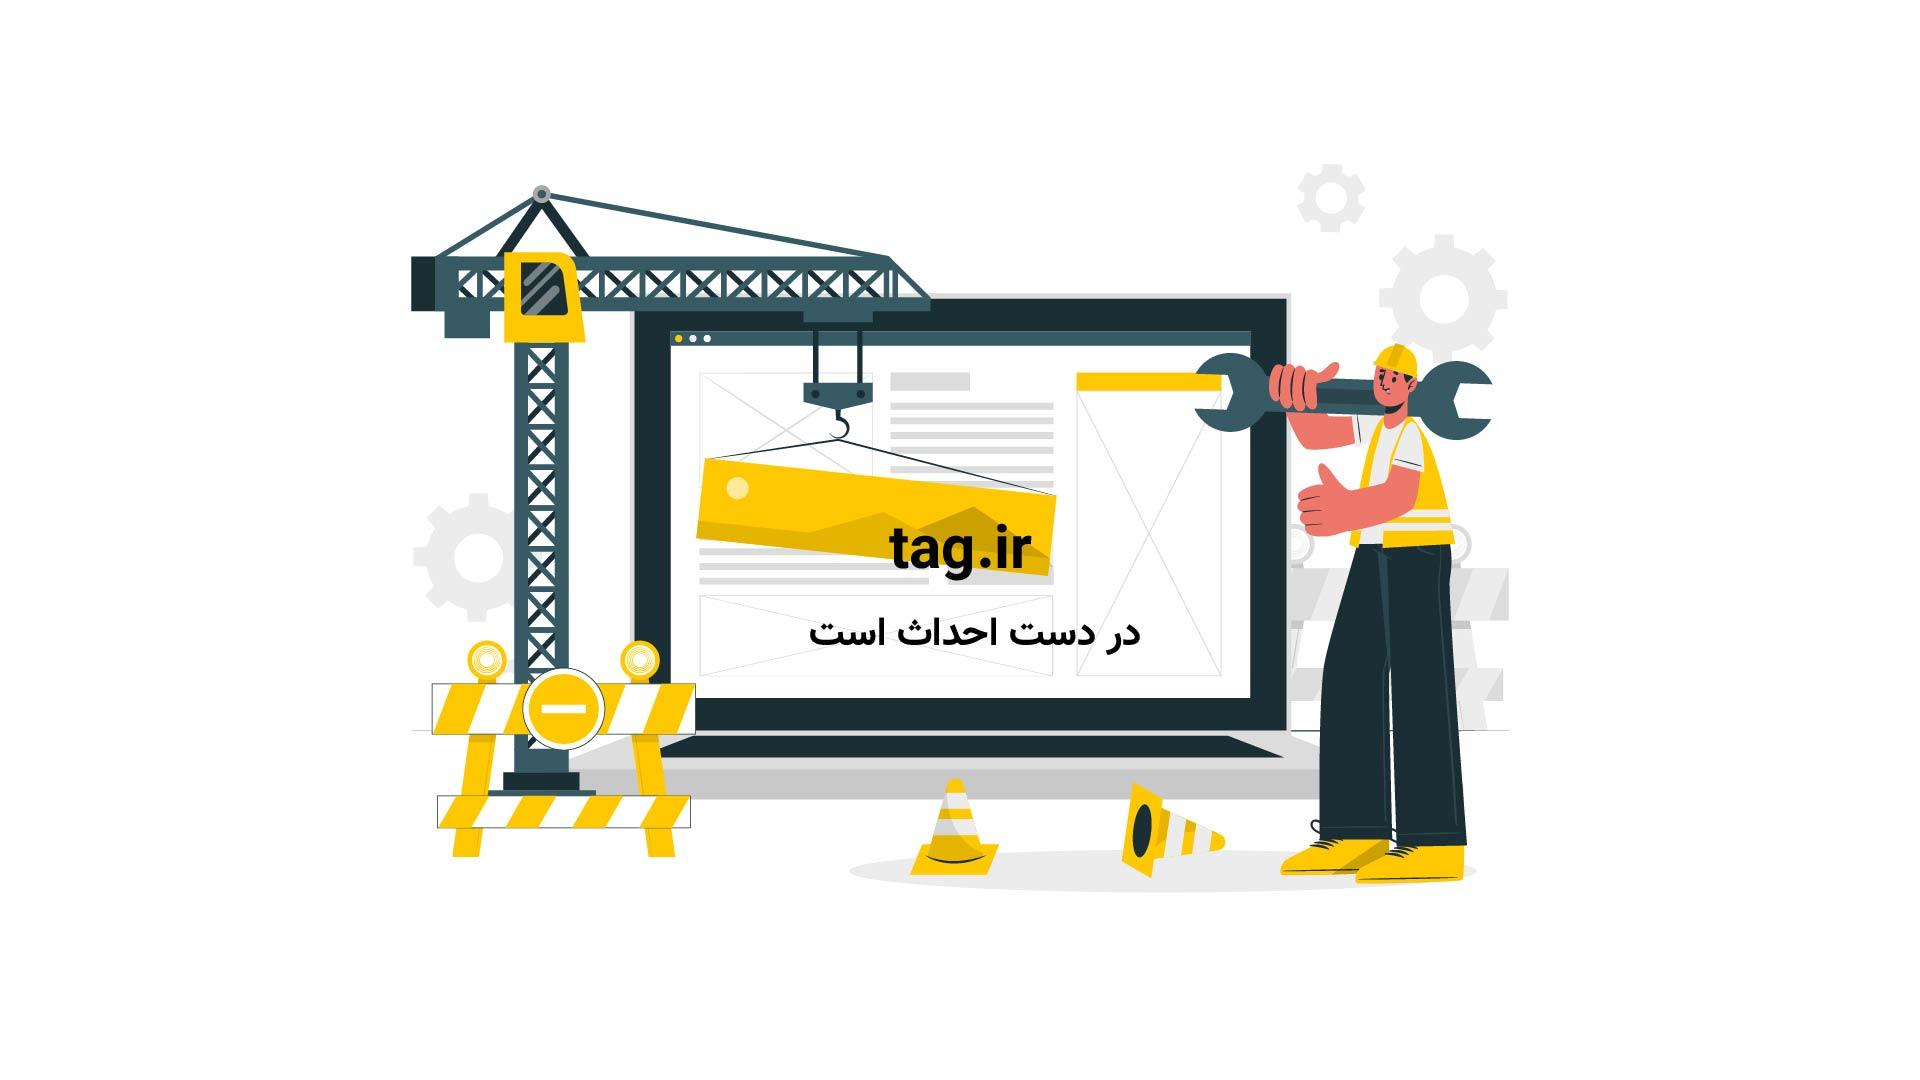 قلعه تاریخی روستای مسک در شهر بیرجند | فیلم